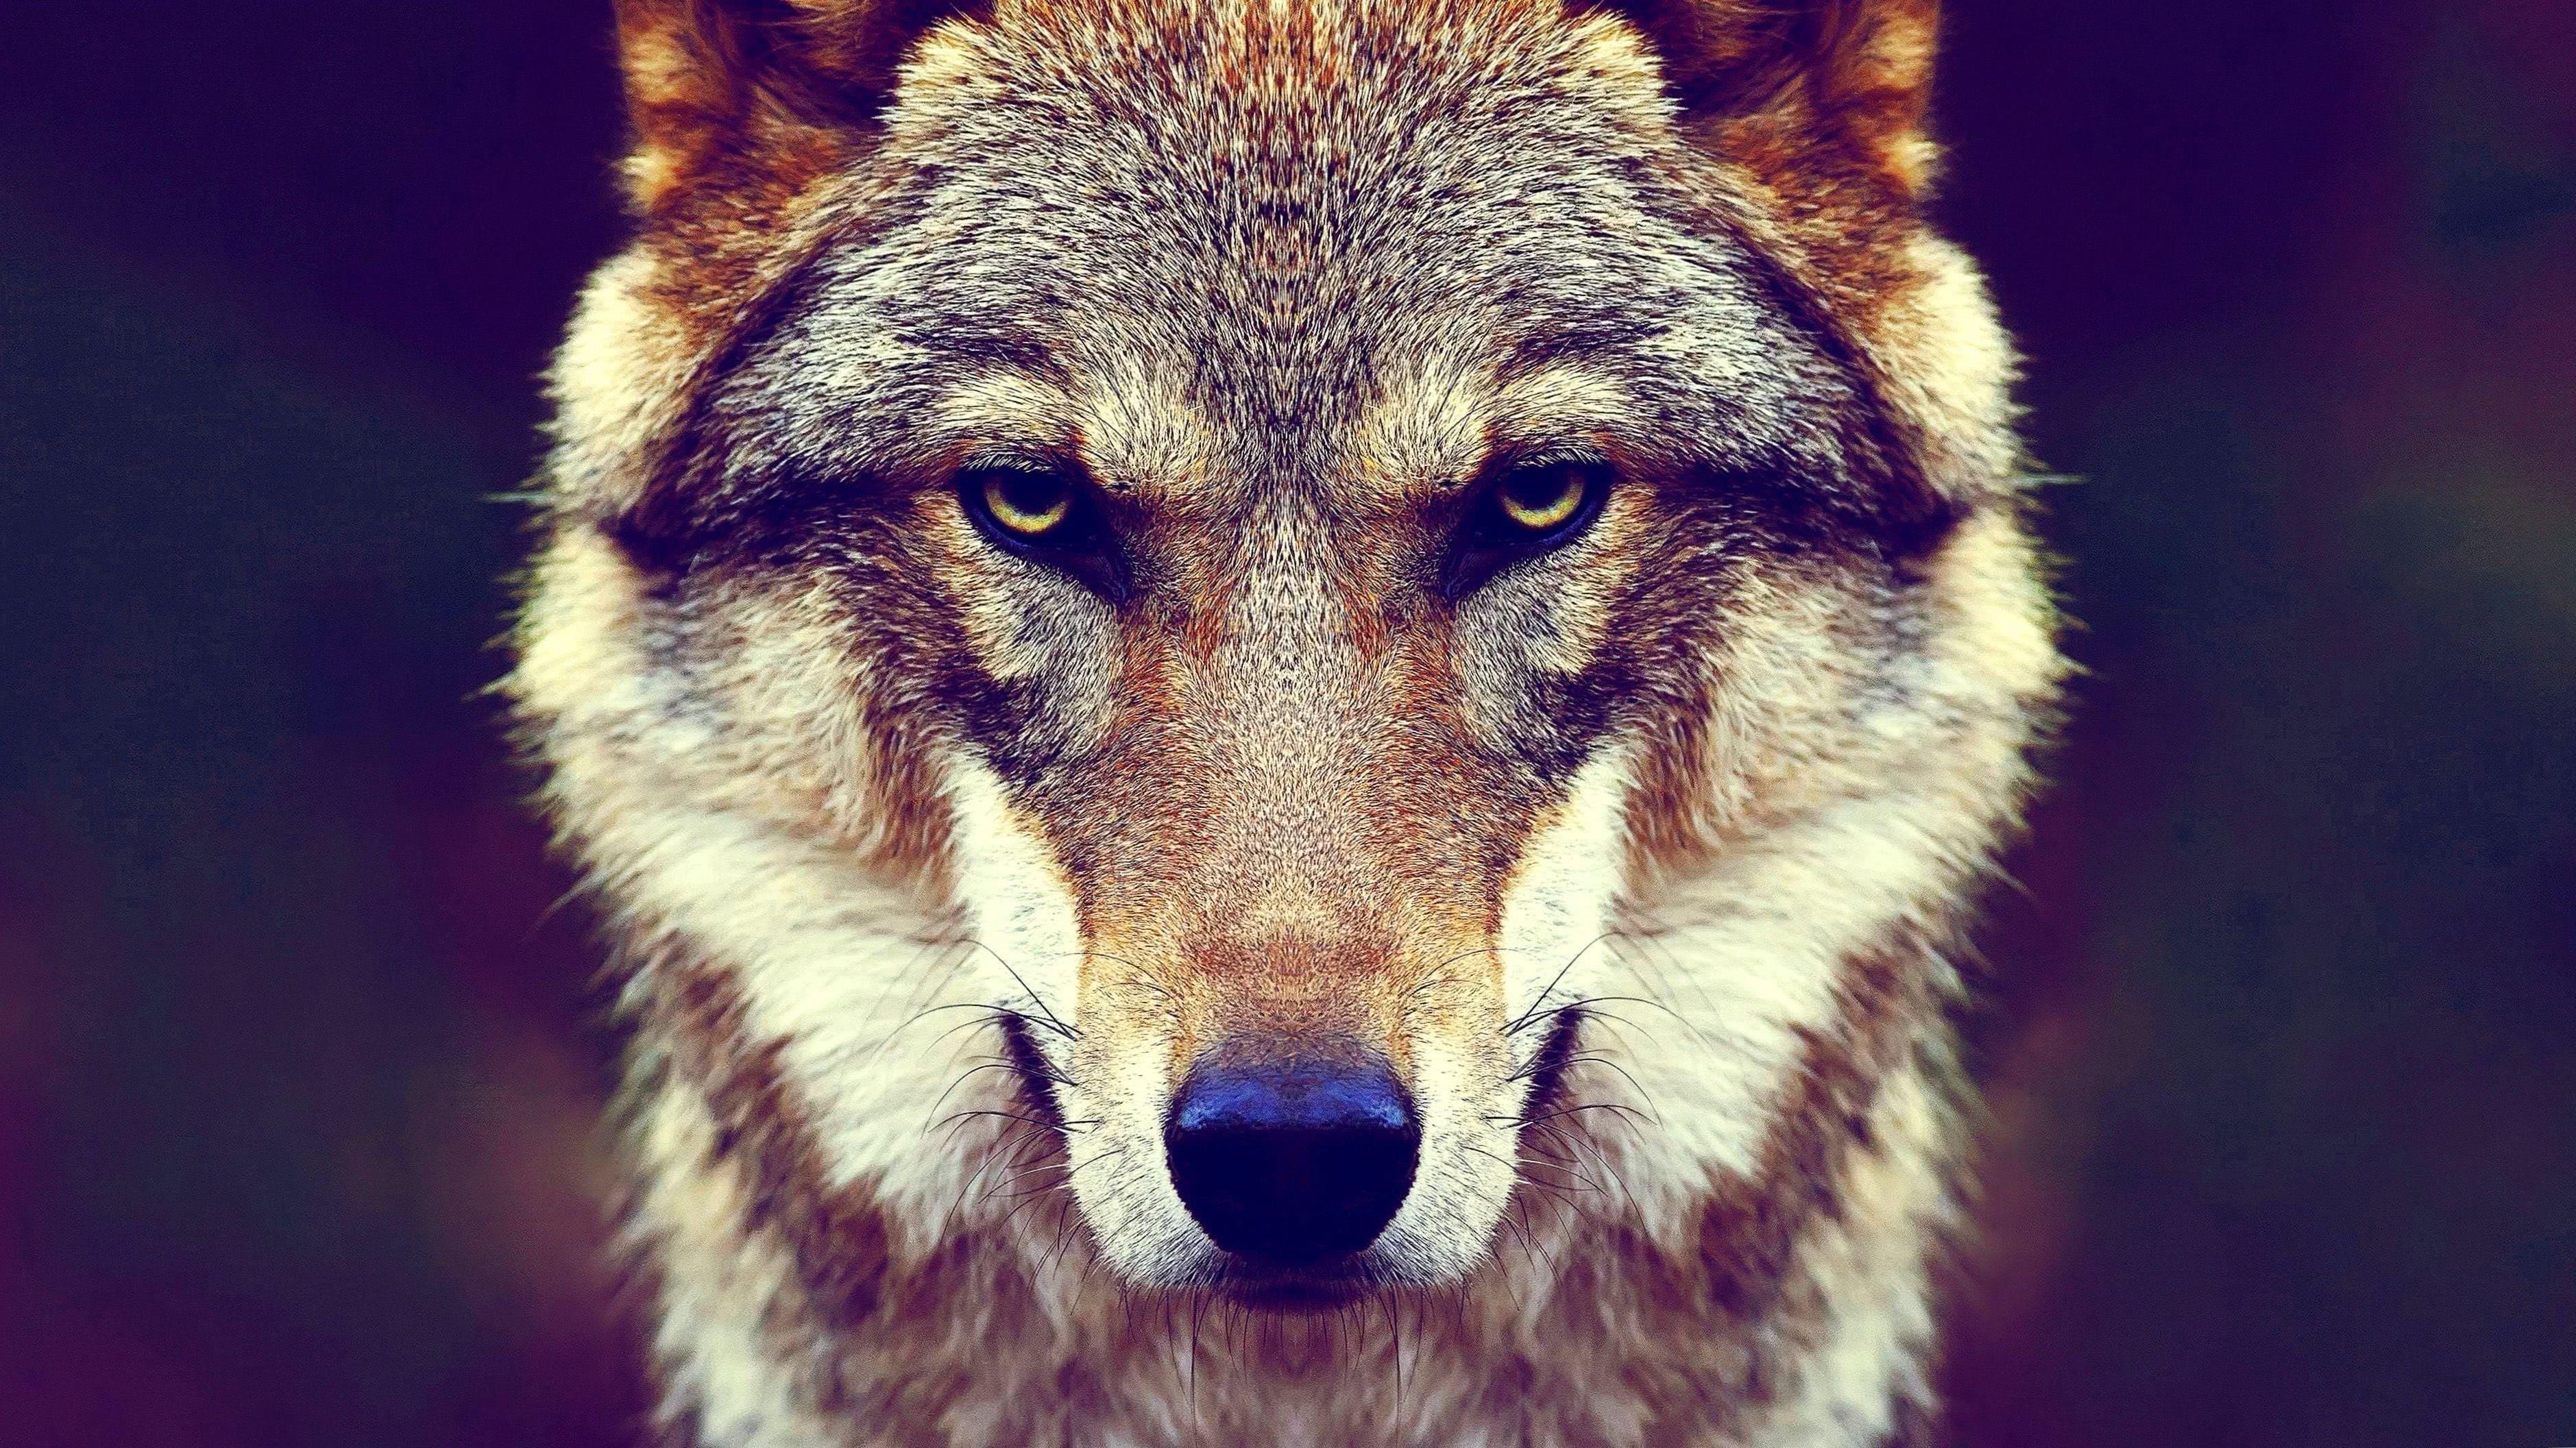 Wolf Face 4K Wallpaper